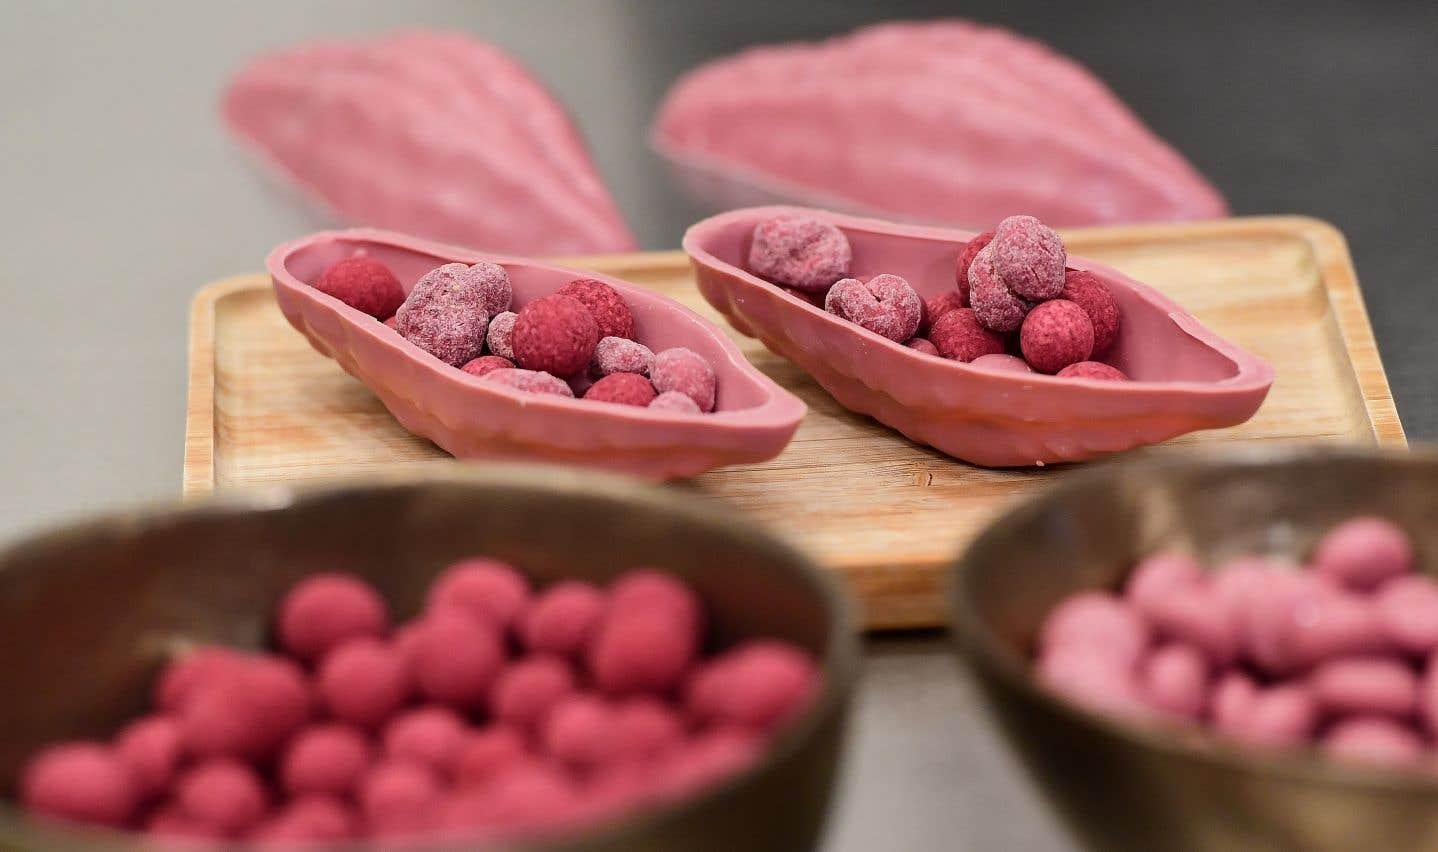 La couleur rubis du chocolat est obtenue naturellement, sans ajout de colorant, d'arômes ou de baies, à partir de fèves de cacao du même nom.